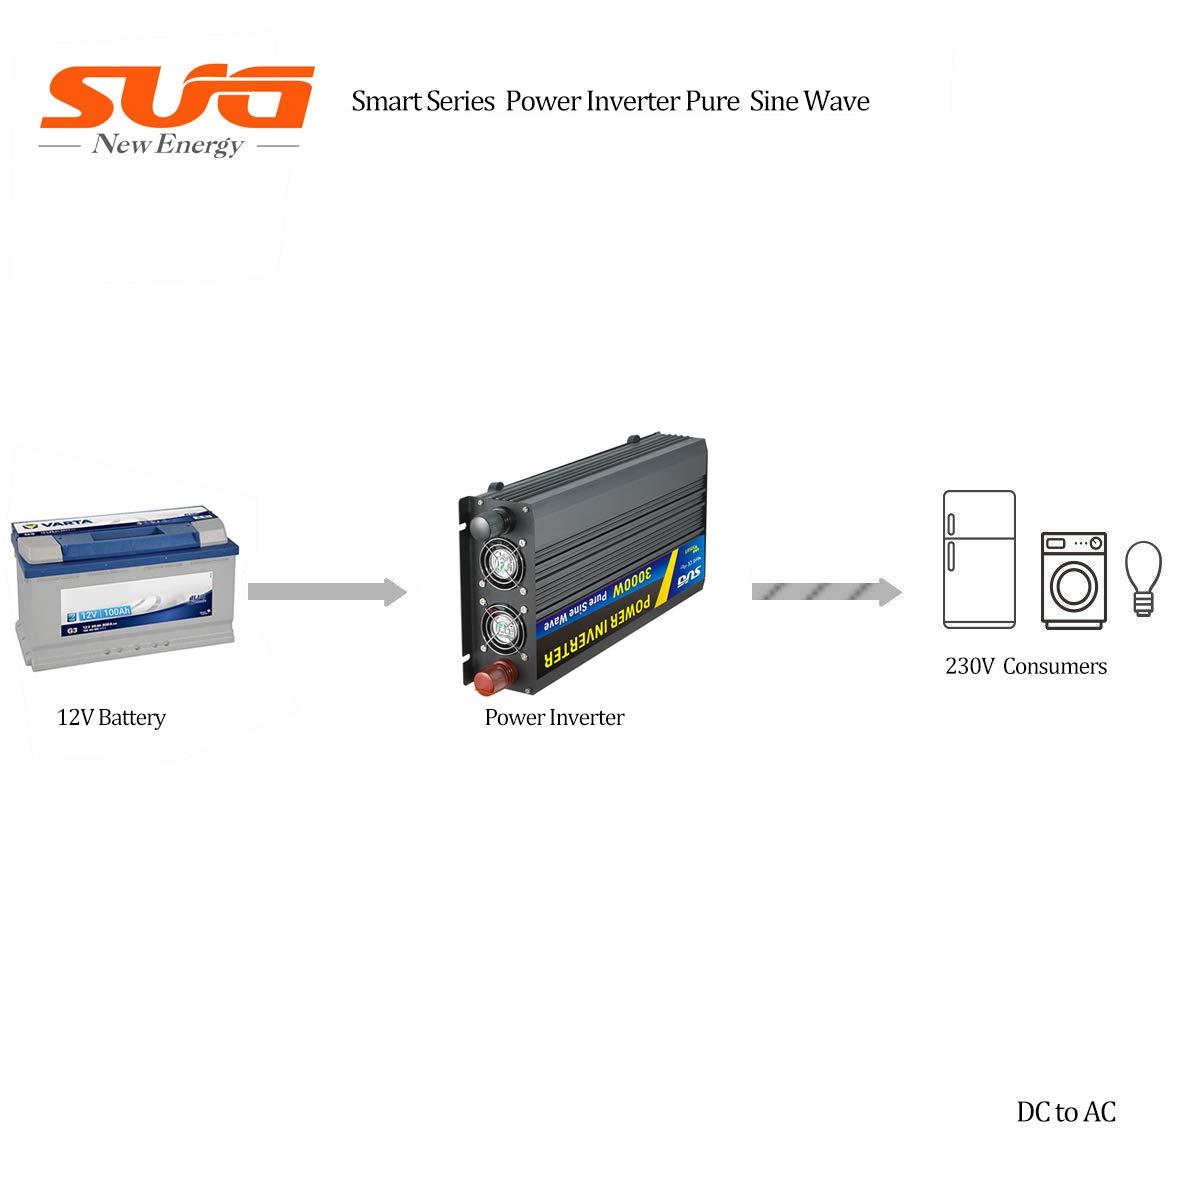 SUGPV Sug 3000w 12v DC 220vac Onda Pura inversor de Corriente con Pantalla led